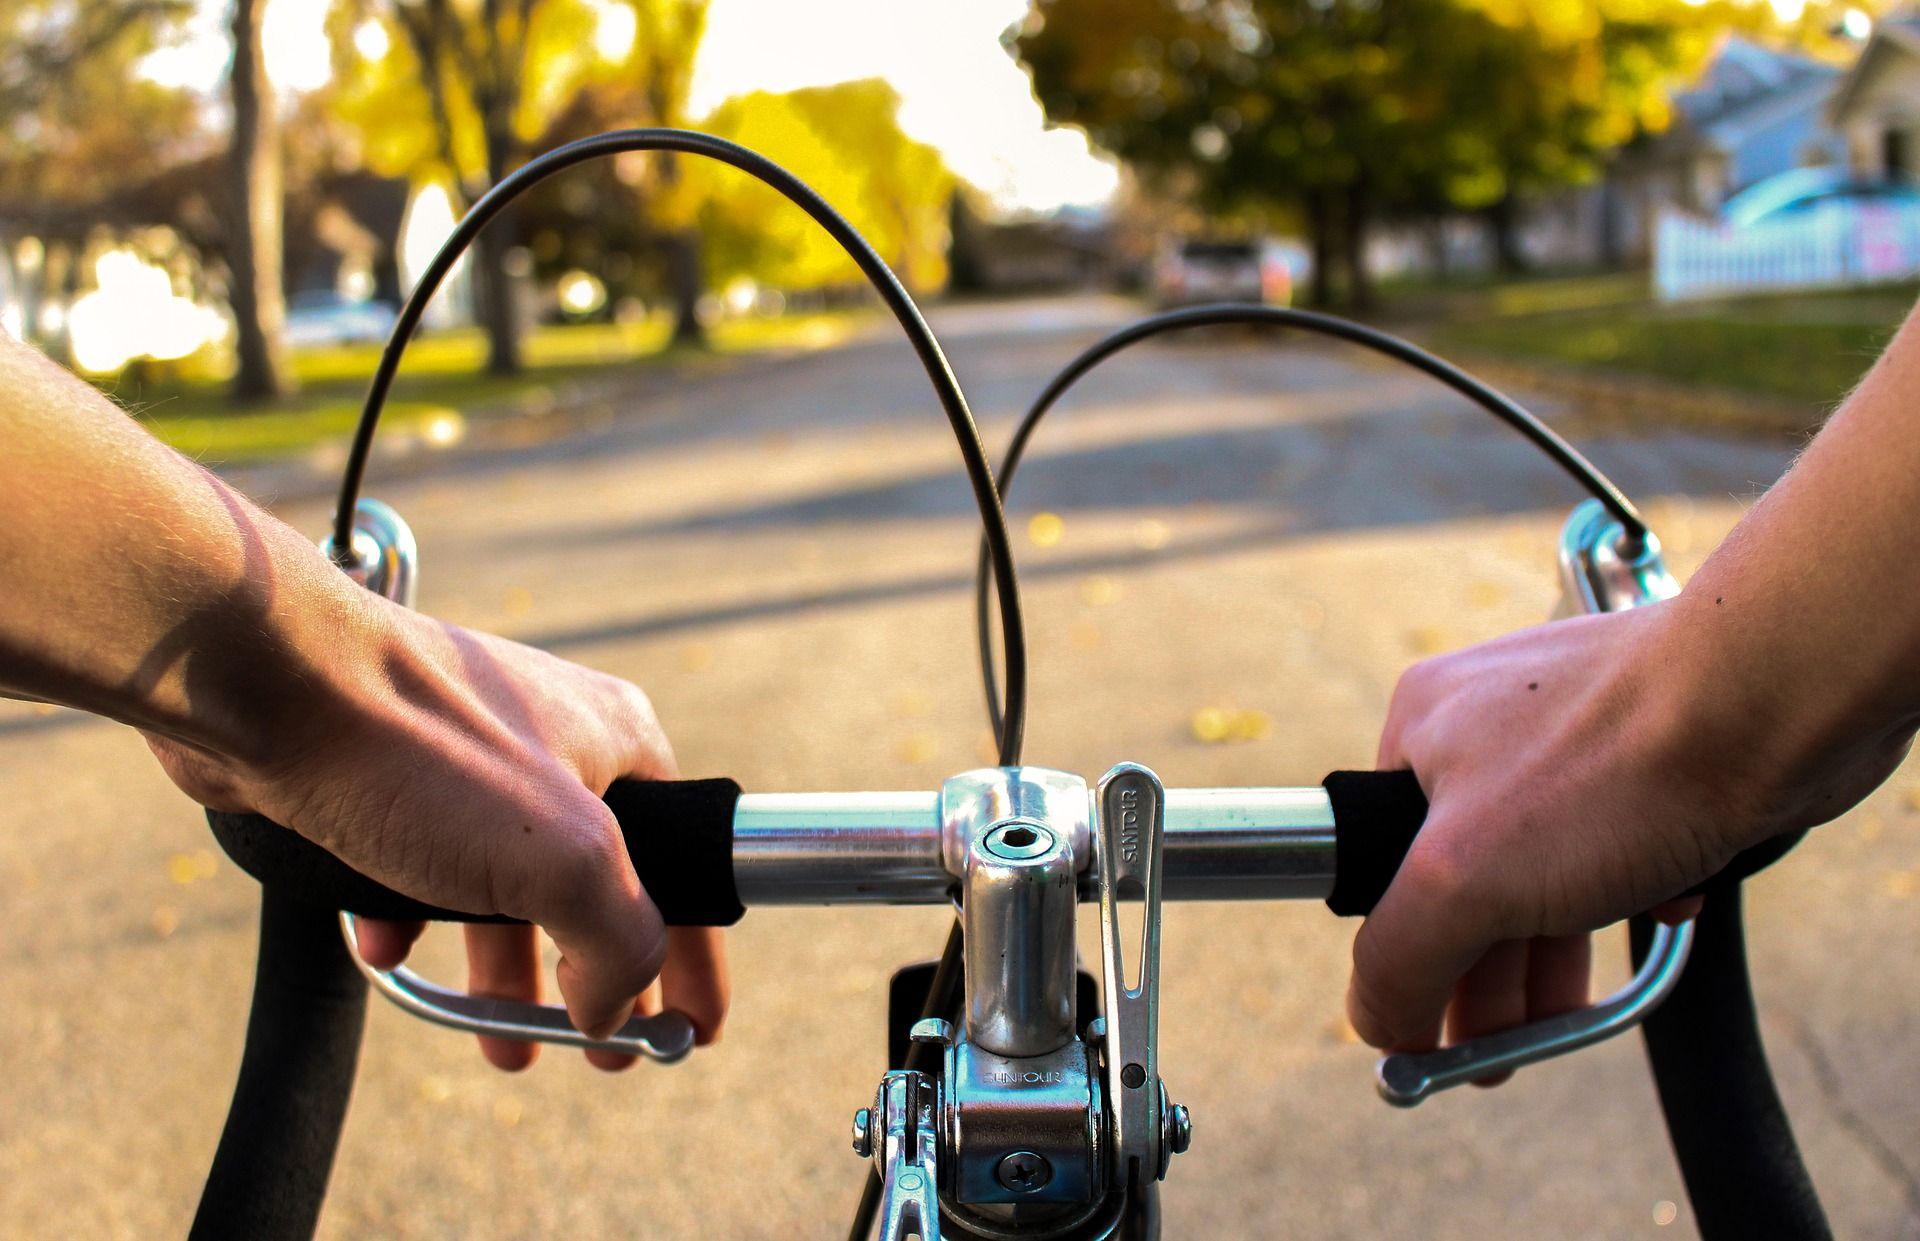 10 tys. zł kary dla rowerzysty. Interweniuje Rzecznik Praw Obywatelskich